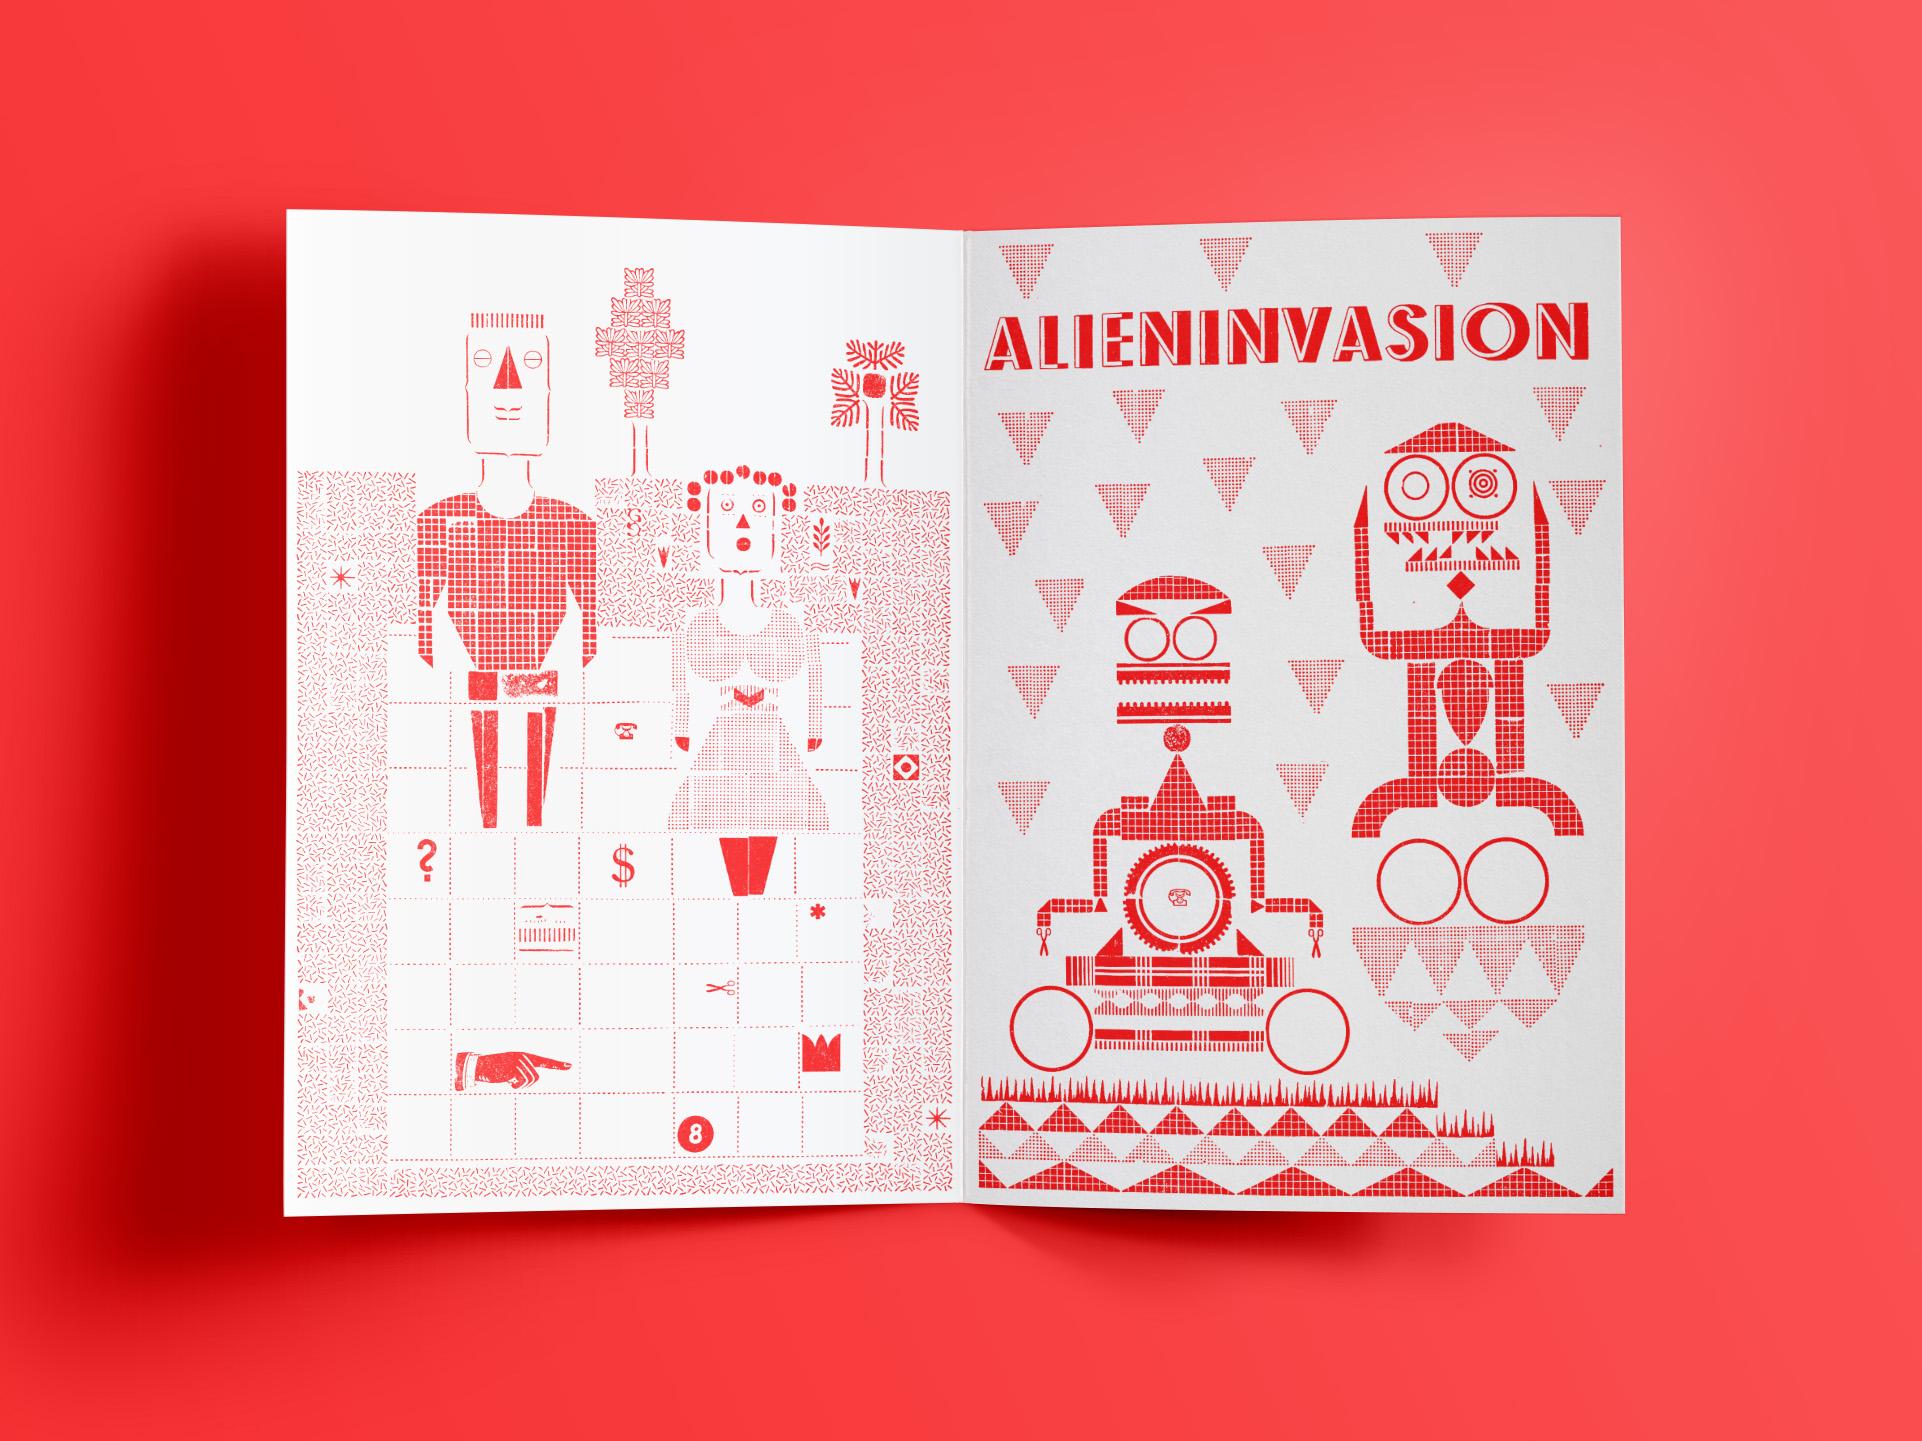 alieninvasion_web_content_12col_3